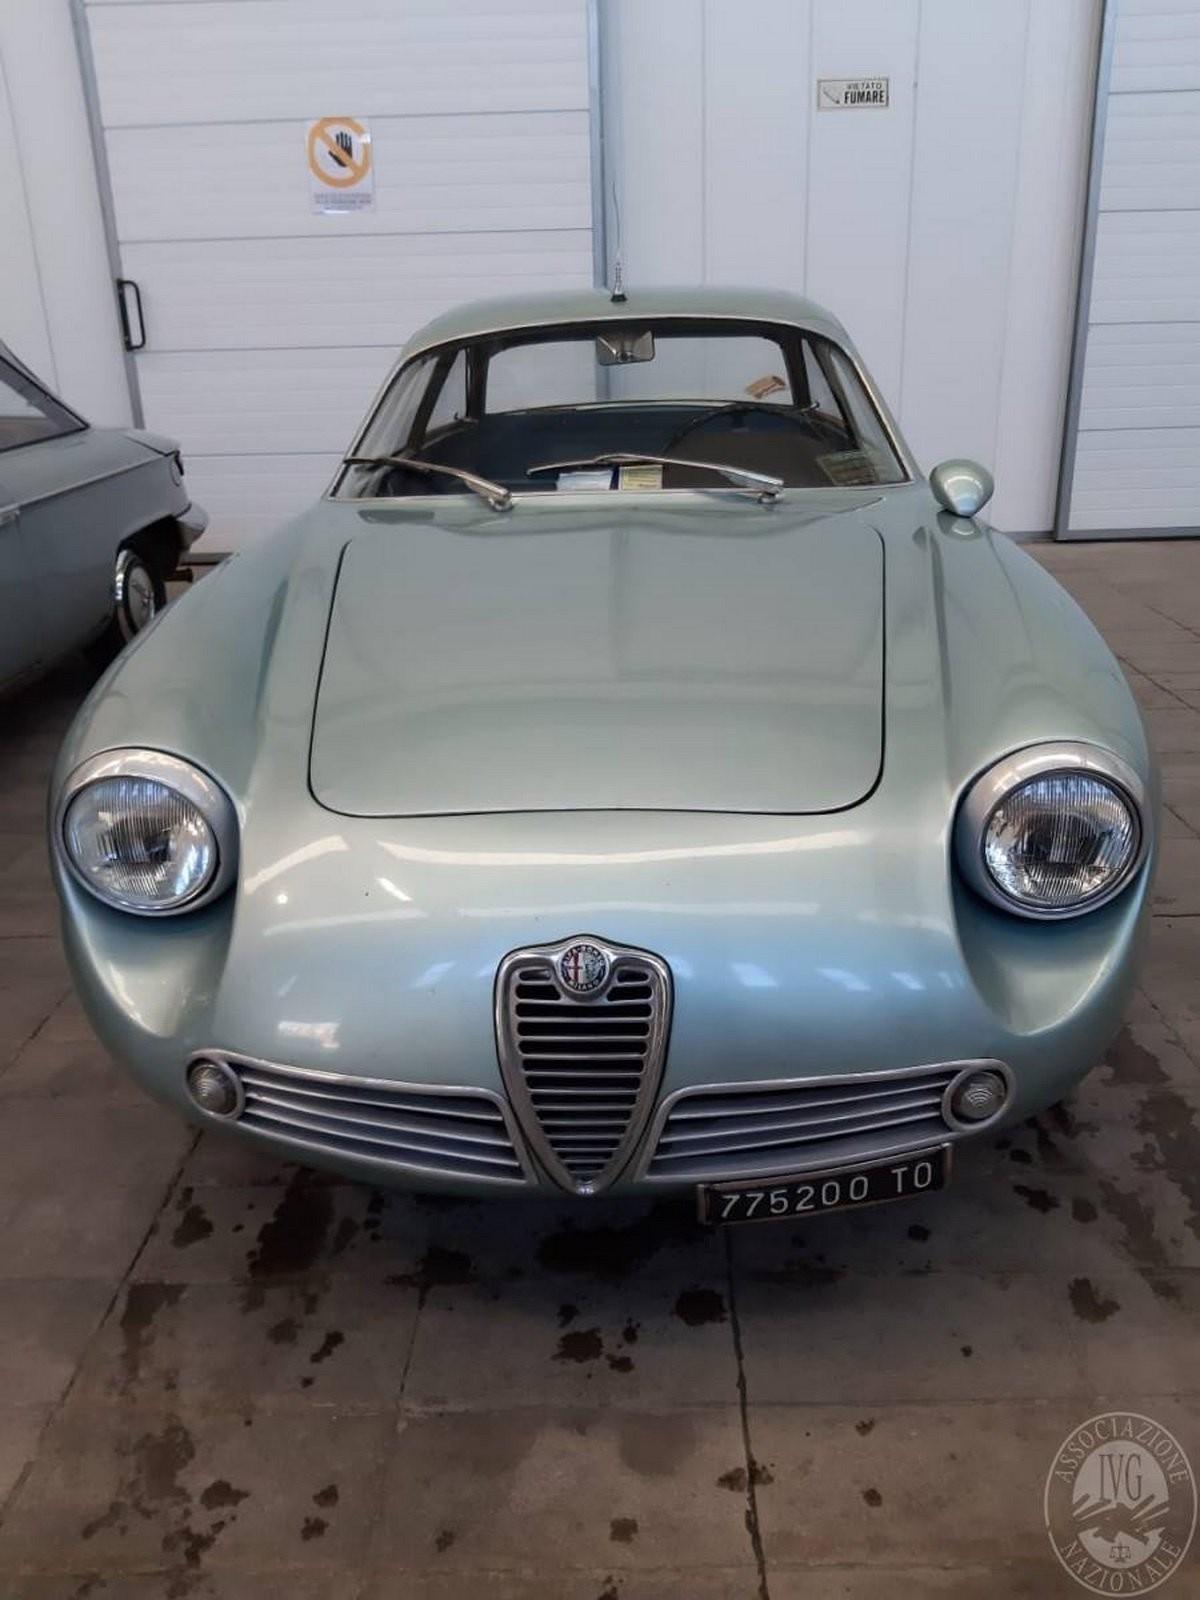 Alfa Romeo Giulietta SZ được trang bị thân vỏ bằng nhôm